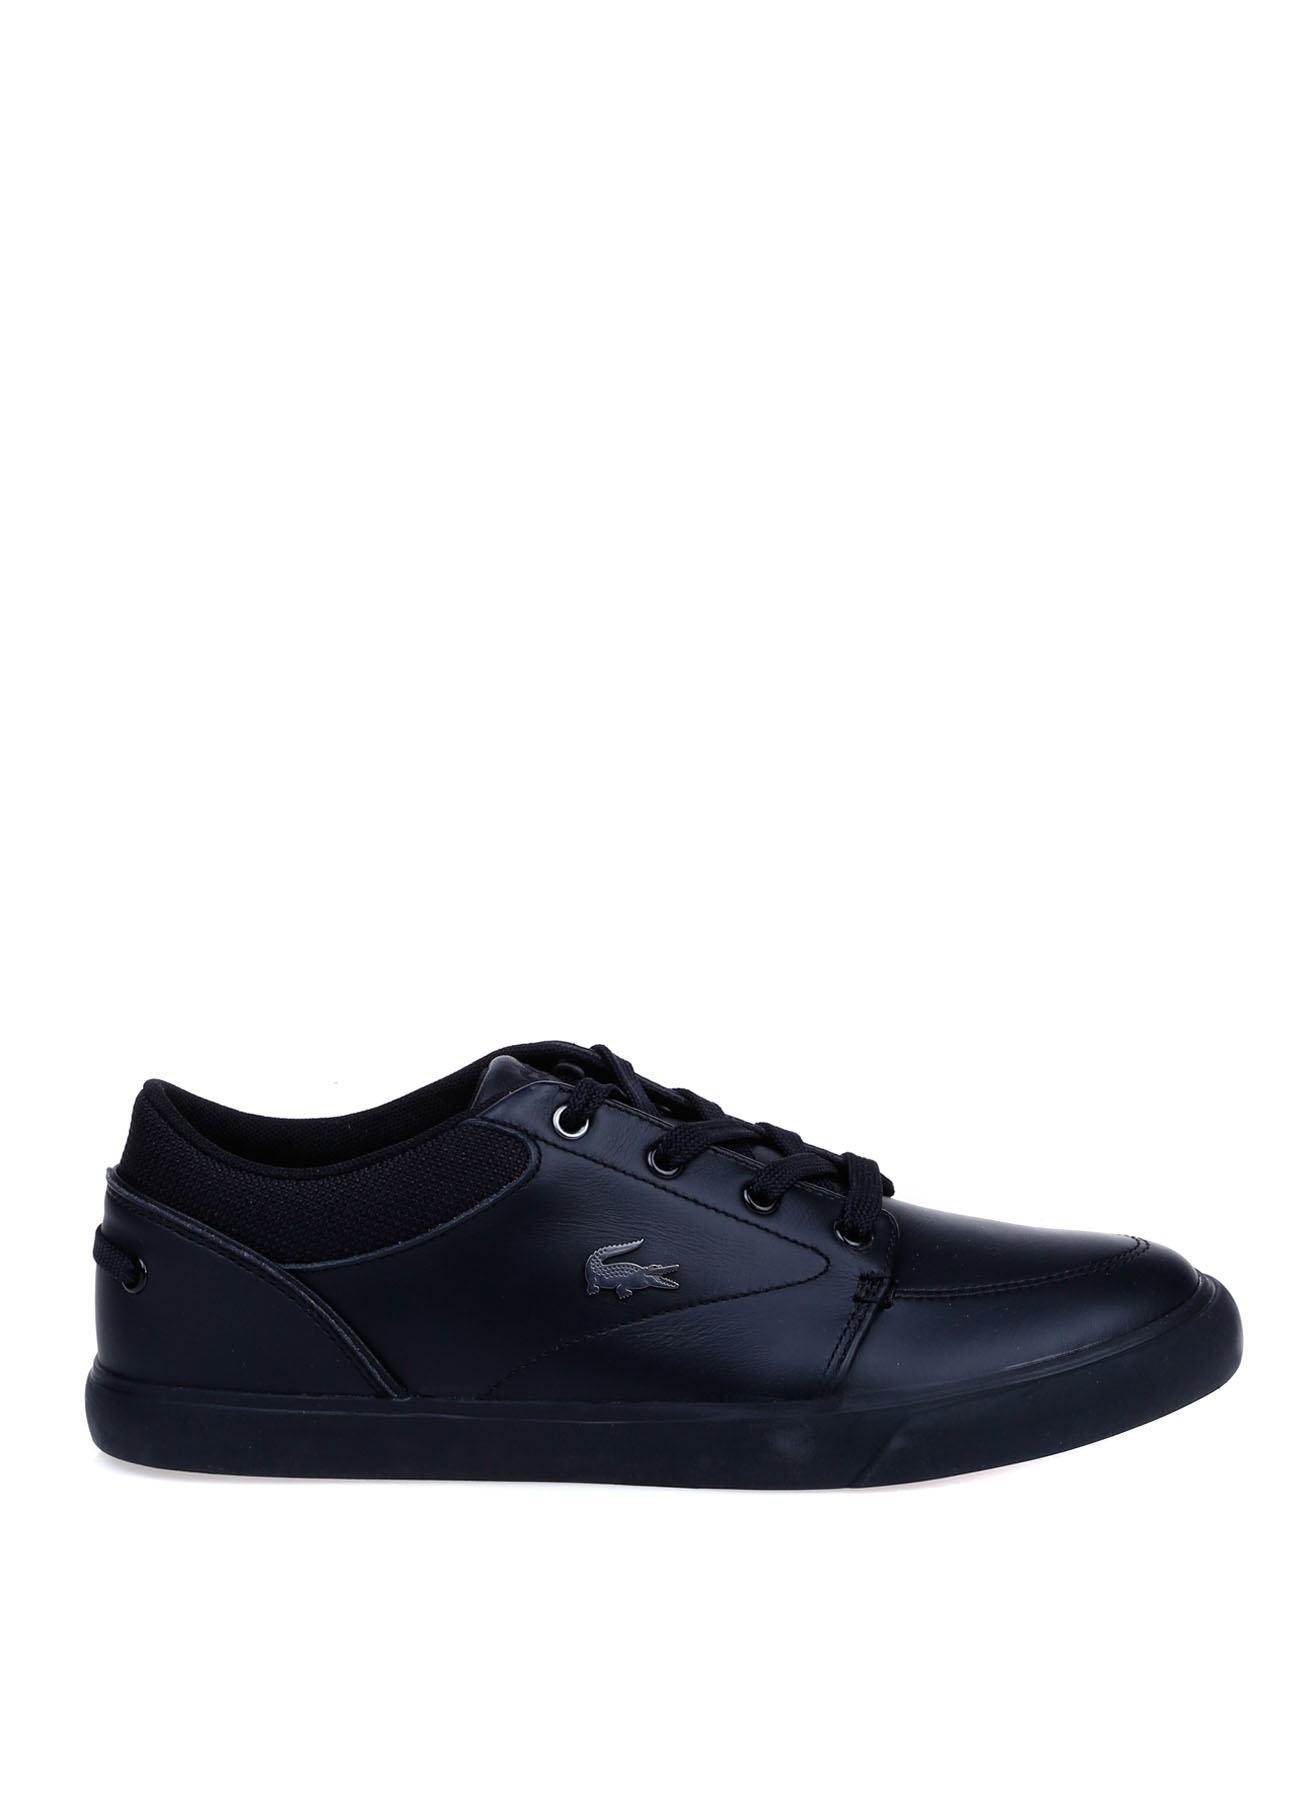 Lacoste Erkek Deri Siyah Lifestyle Ayakkabı 44 5002314222006 Ürün Resmi